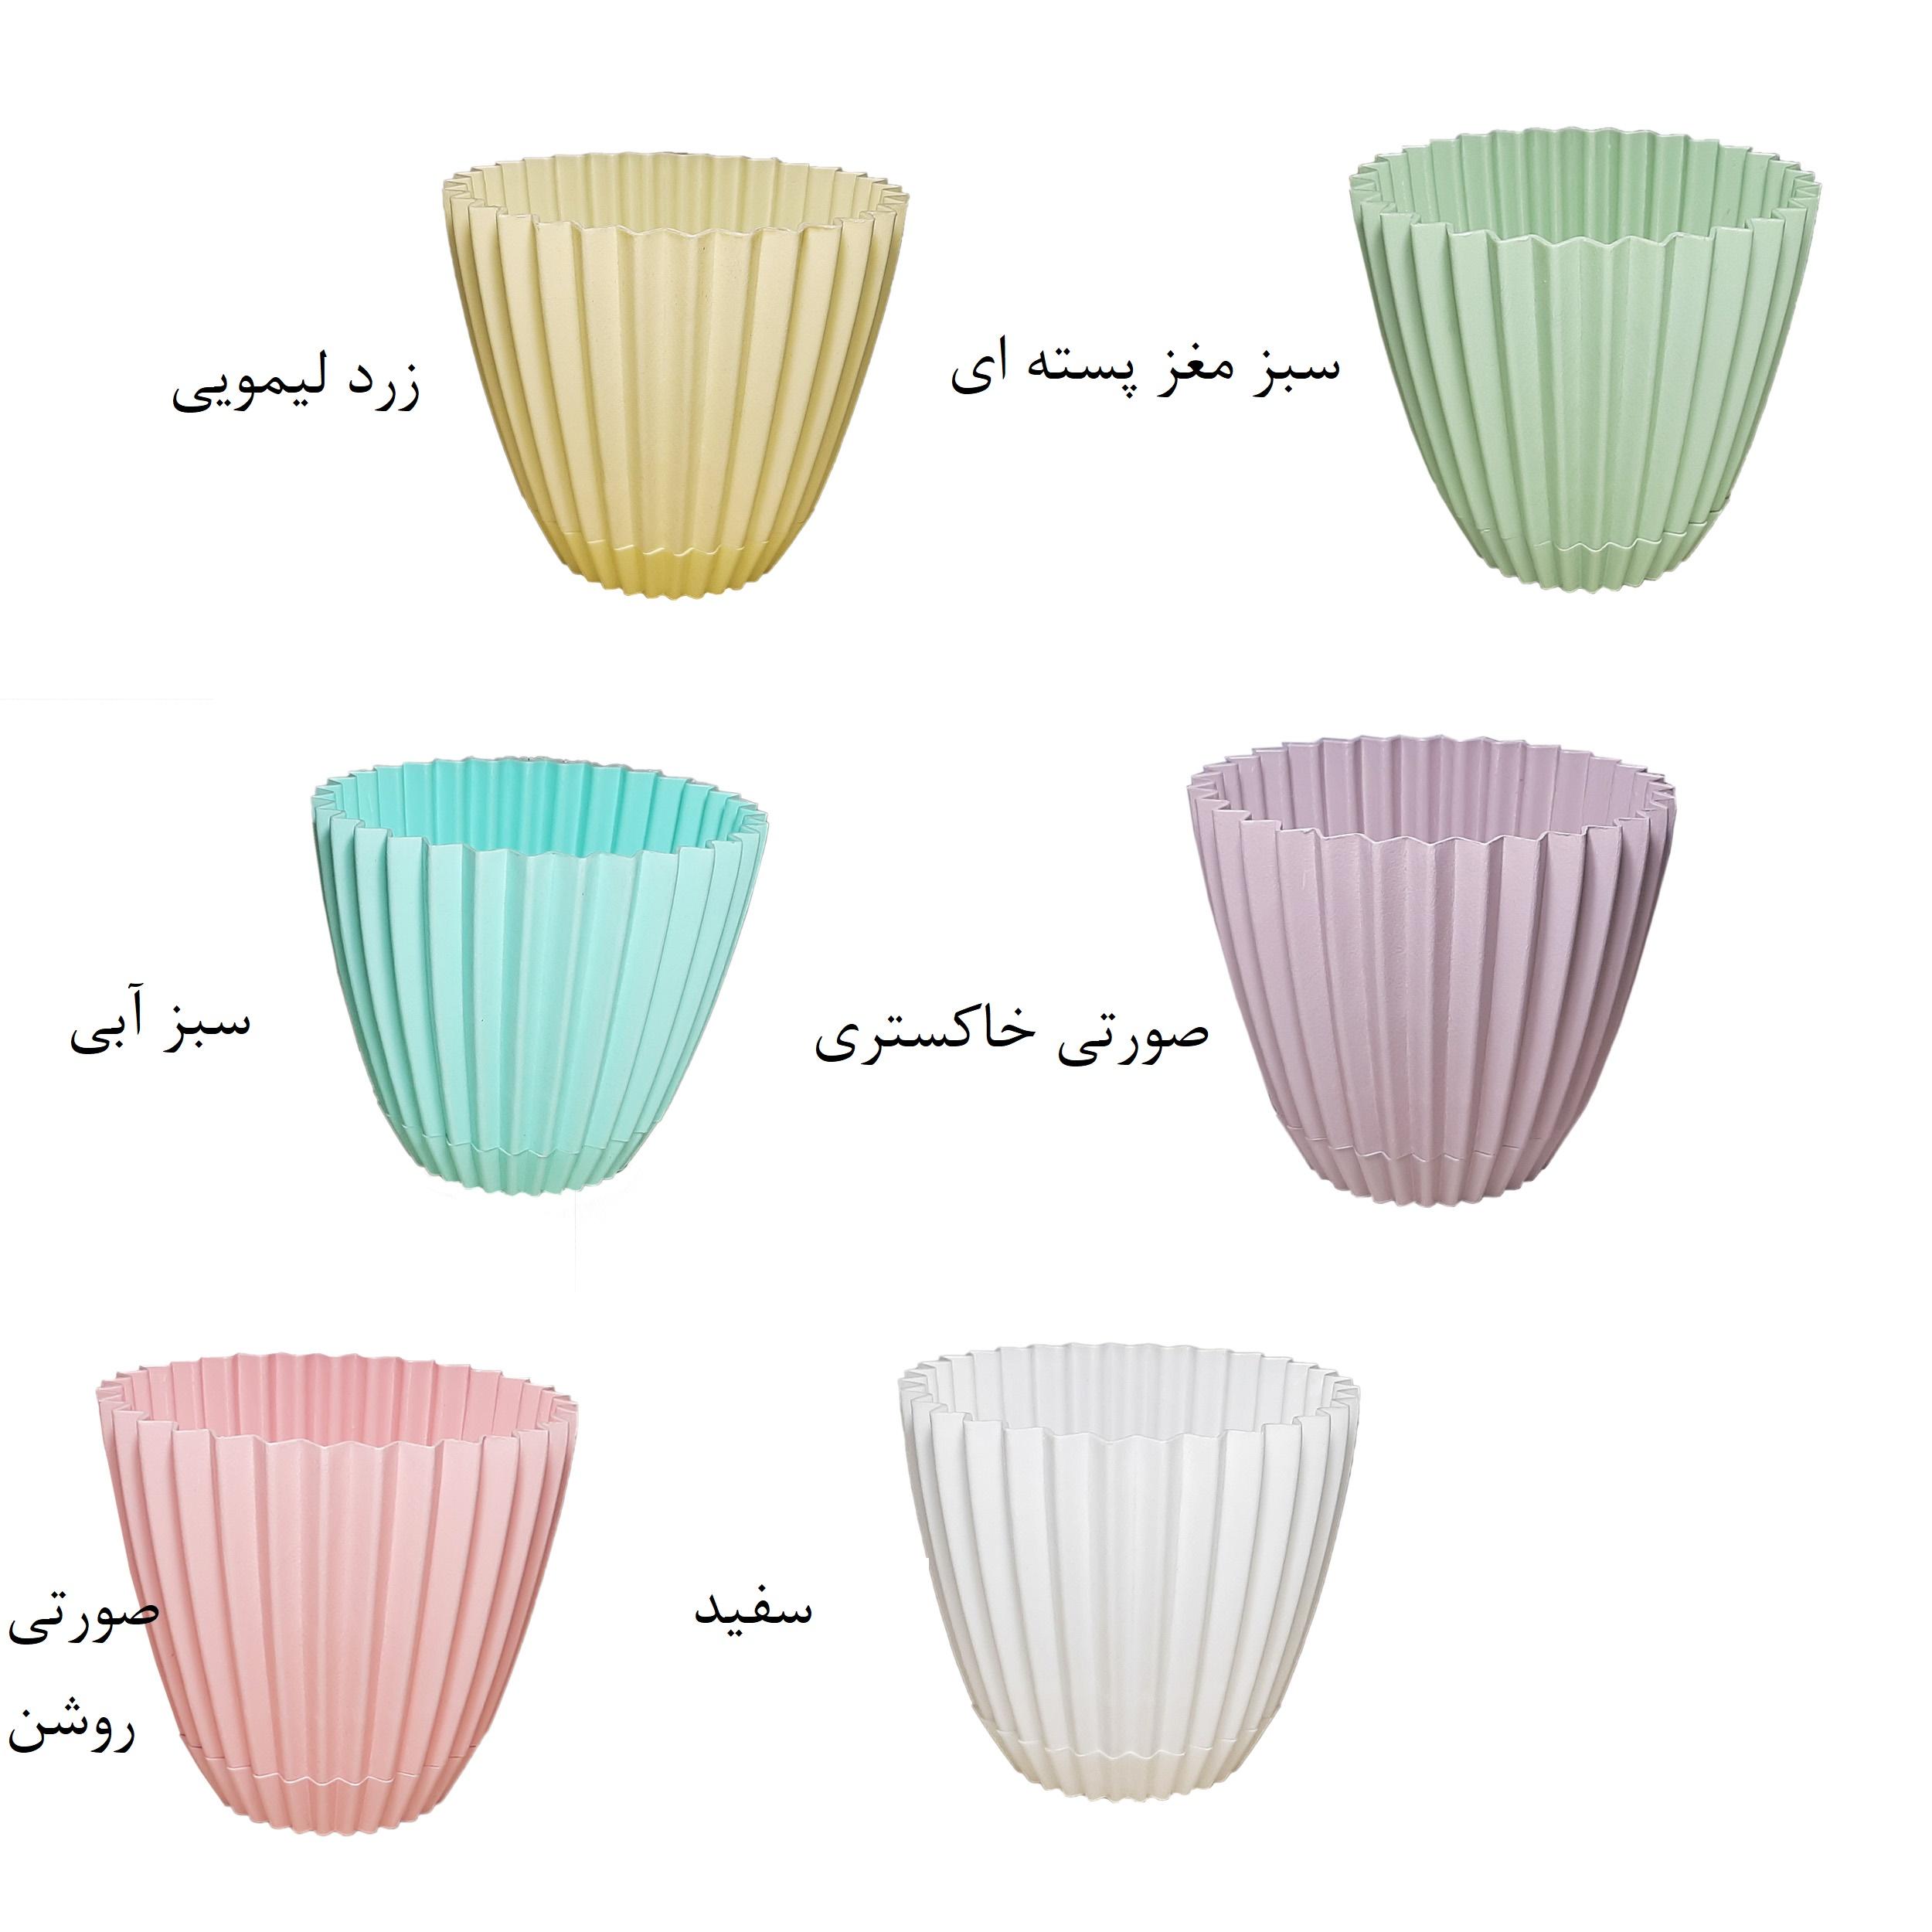 گلدان دانیال پلاستیک کد 212 main 1 8